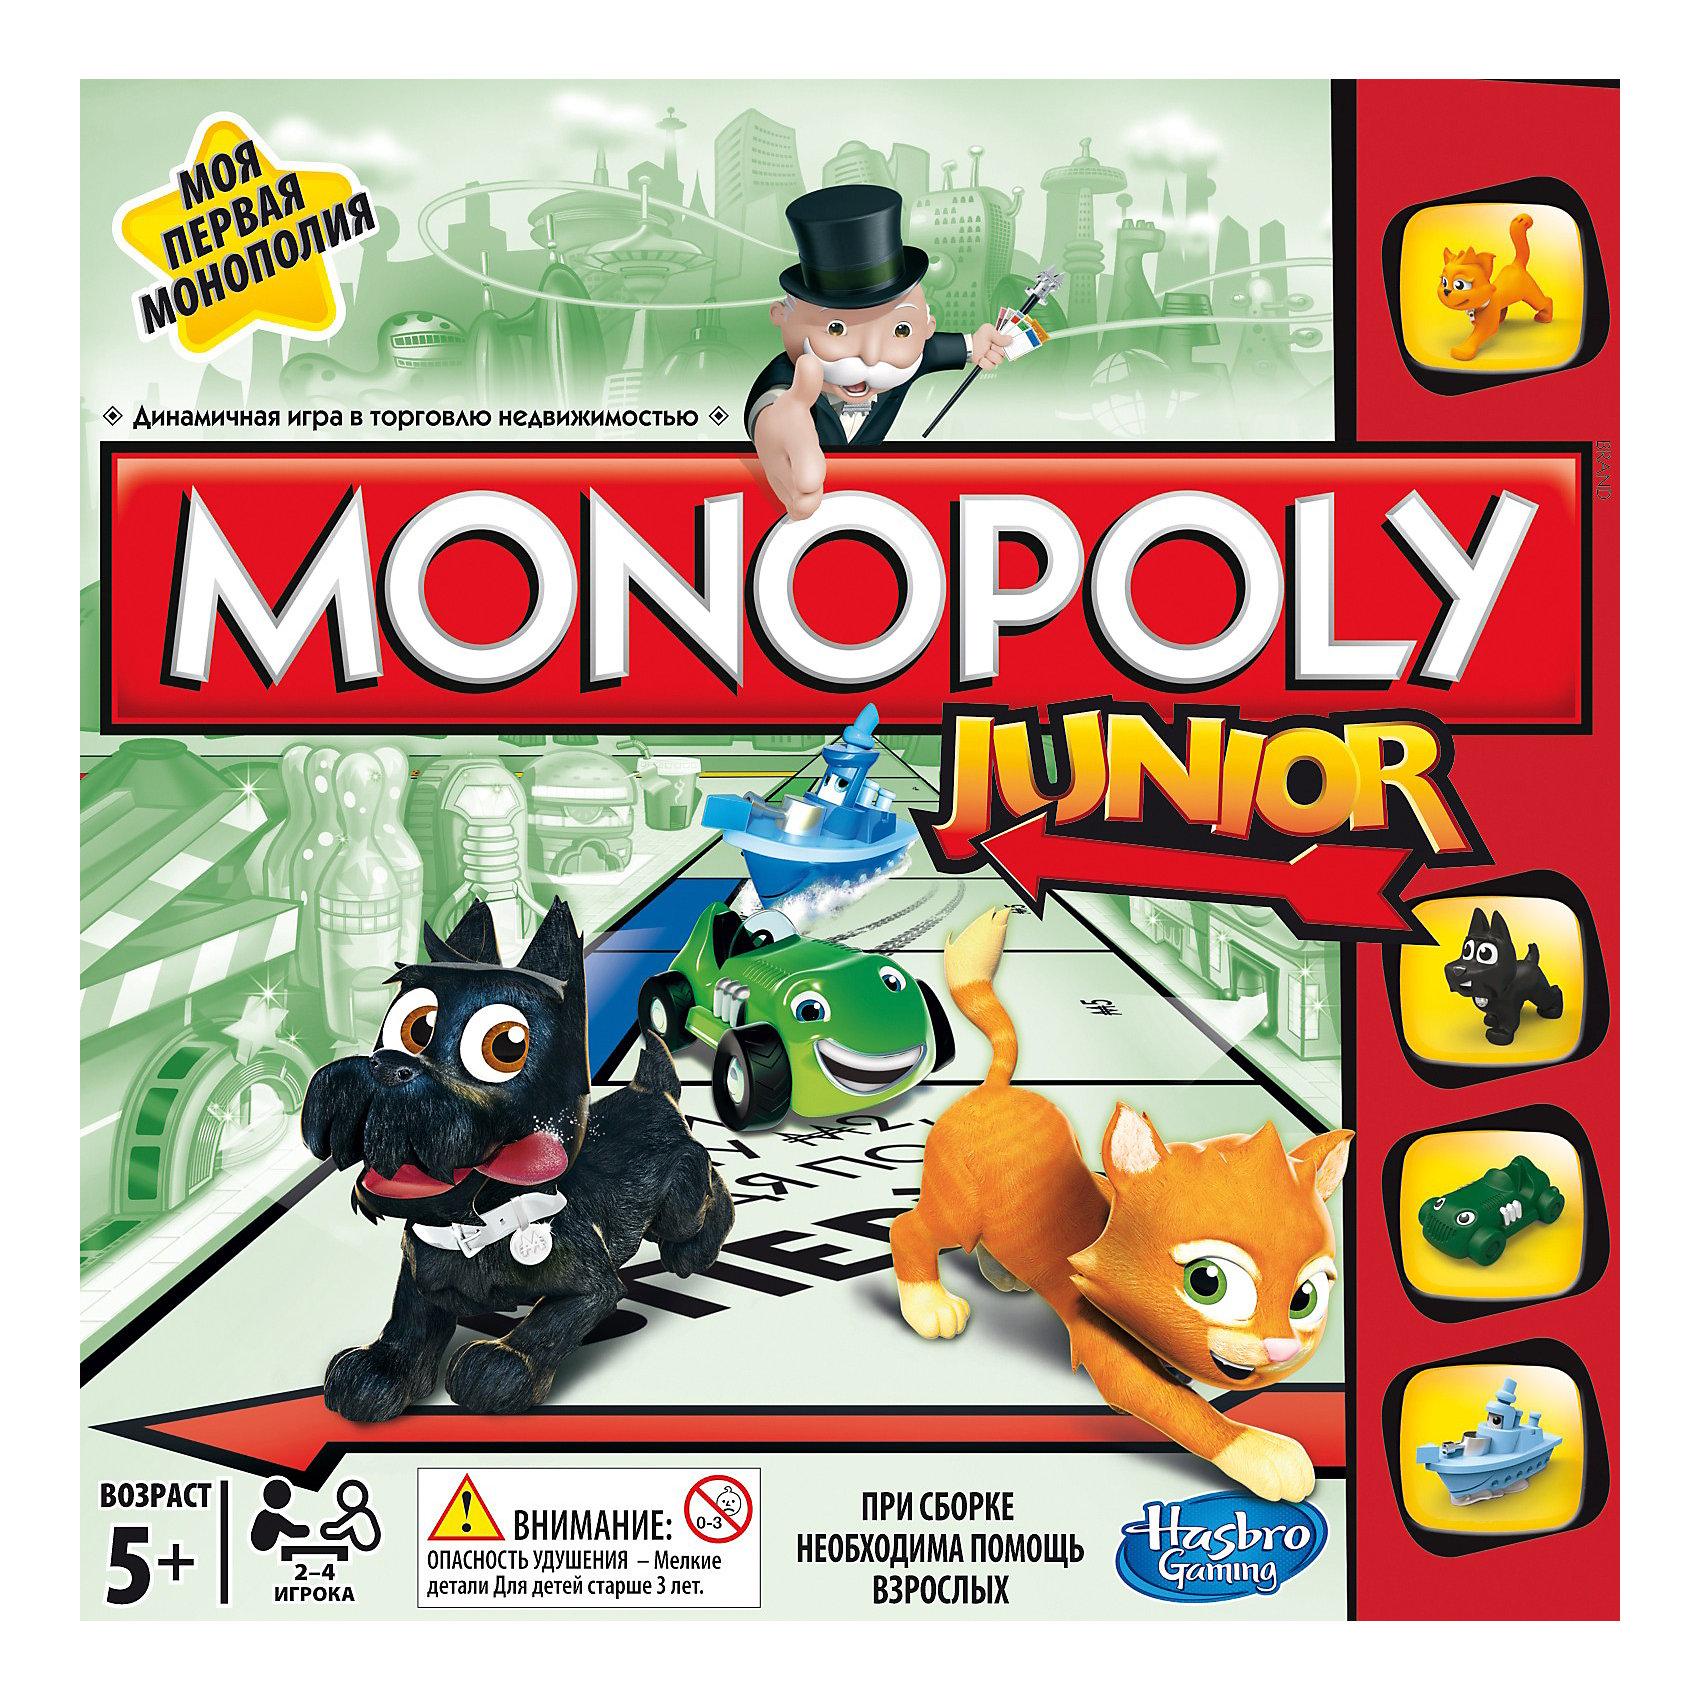 Моя первая монополия, HasbroНовая веселая Монополия для детей! Это быстрая, захватывающая и легкая в обучении игра для детей от 5 лет. Дети становятся владельцами музея, магазином игрушек, кондитерской и другой недвижимостью, которая так привлекает детей. В комплекте забавные фишки.<br><br>Дополнительная информация:<br><br>- Материал: картон.<br>- Количество игроков: 2-4.<br>- Комплектация: кубик (1 шт.), игральные фишки (4 шт.), карточки (20 шт.), жетоны (64 шт.)<br>- Игра полностью русифицирована. <br>- Инструкция на русском языке.<br><br>Игру Моя первая монополия, Hasbro можно купить в нашем магазине.<br><br>Ширина мм: 50<br>Глубина мм: 267<br>Высота мм: 267<br>Вес г: 644<br>Возраст от месяцев: 60<br>Возраст до месяцев: 96<br>Пол: Унисекс<br>Возраст: Детский<br>SKU: 3854426